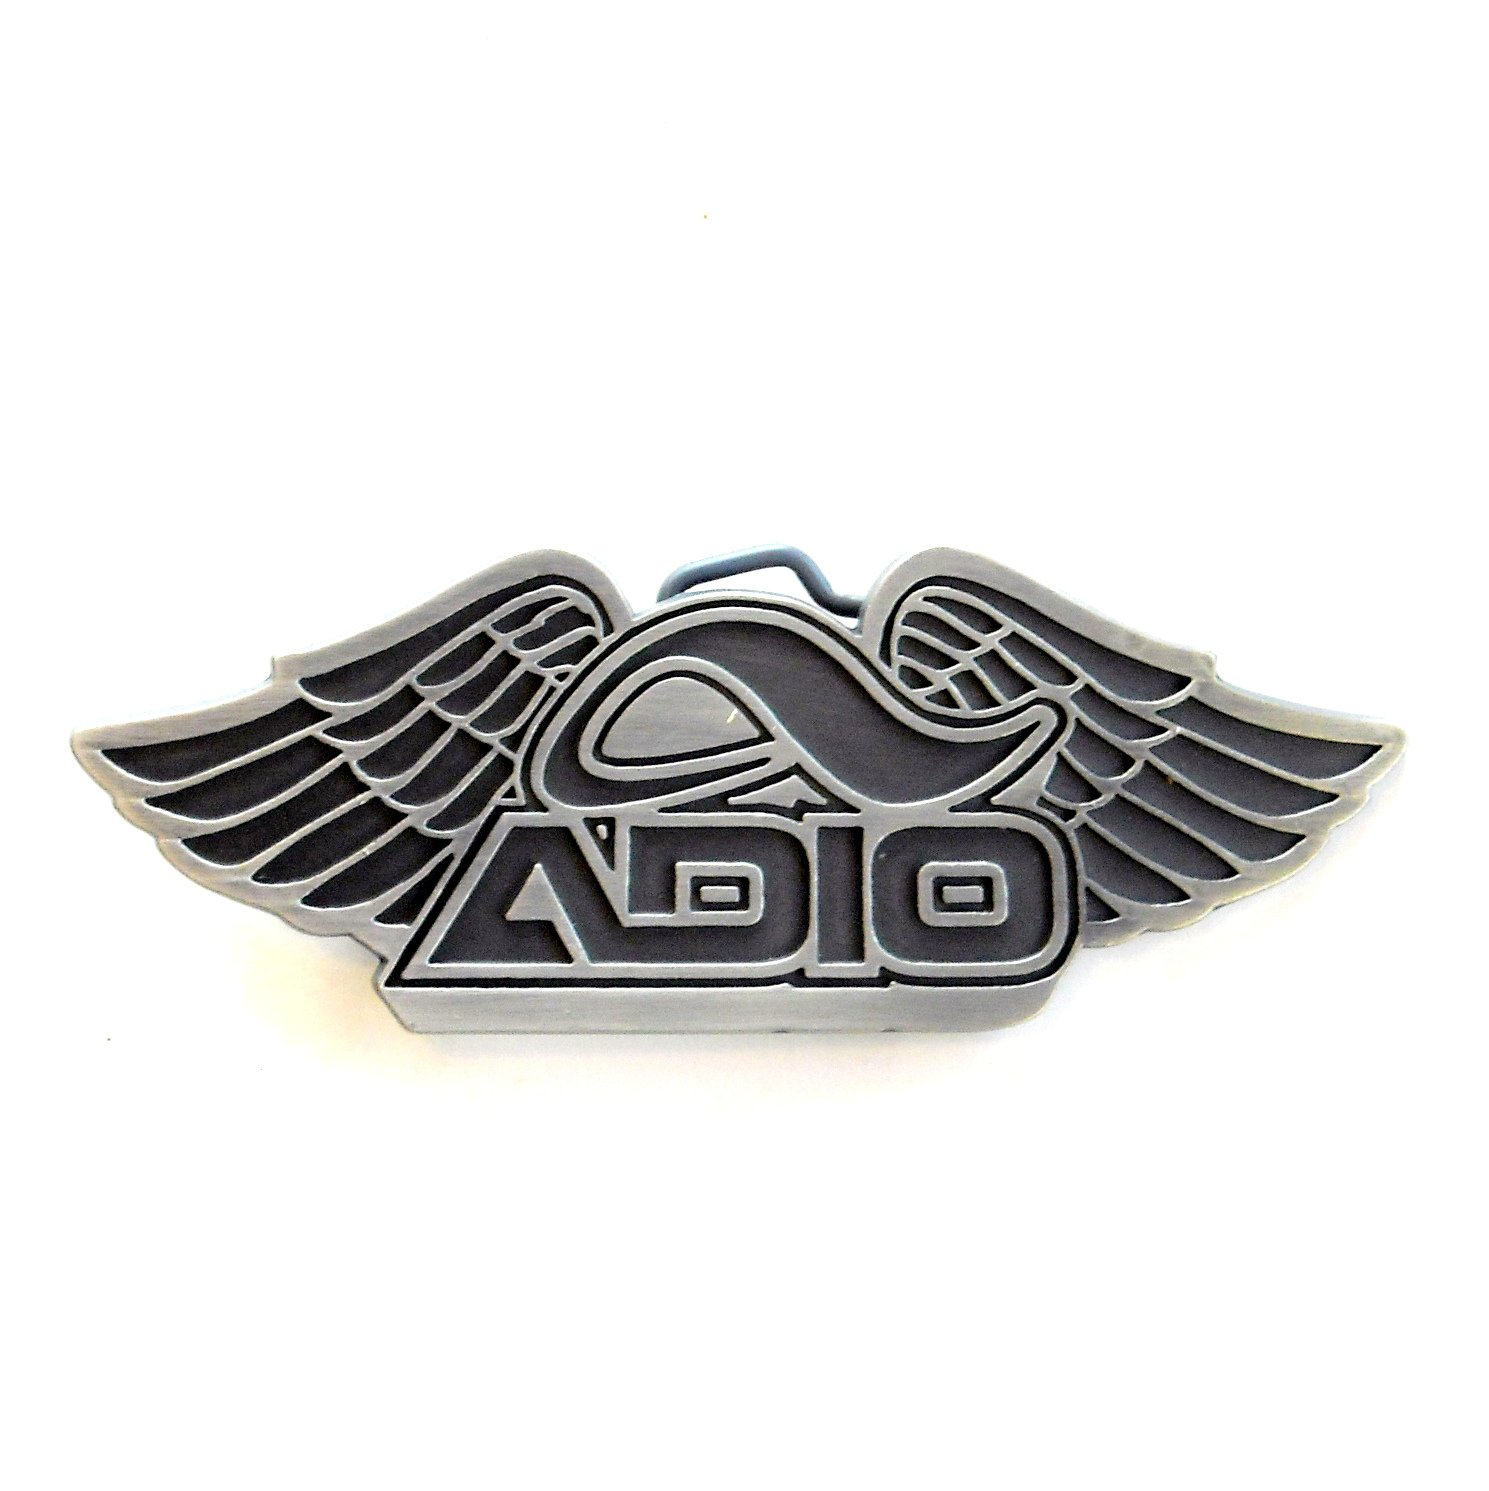 Adio Logo Shoes Wings Skateboarding Unisex Belt Buckle